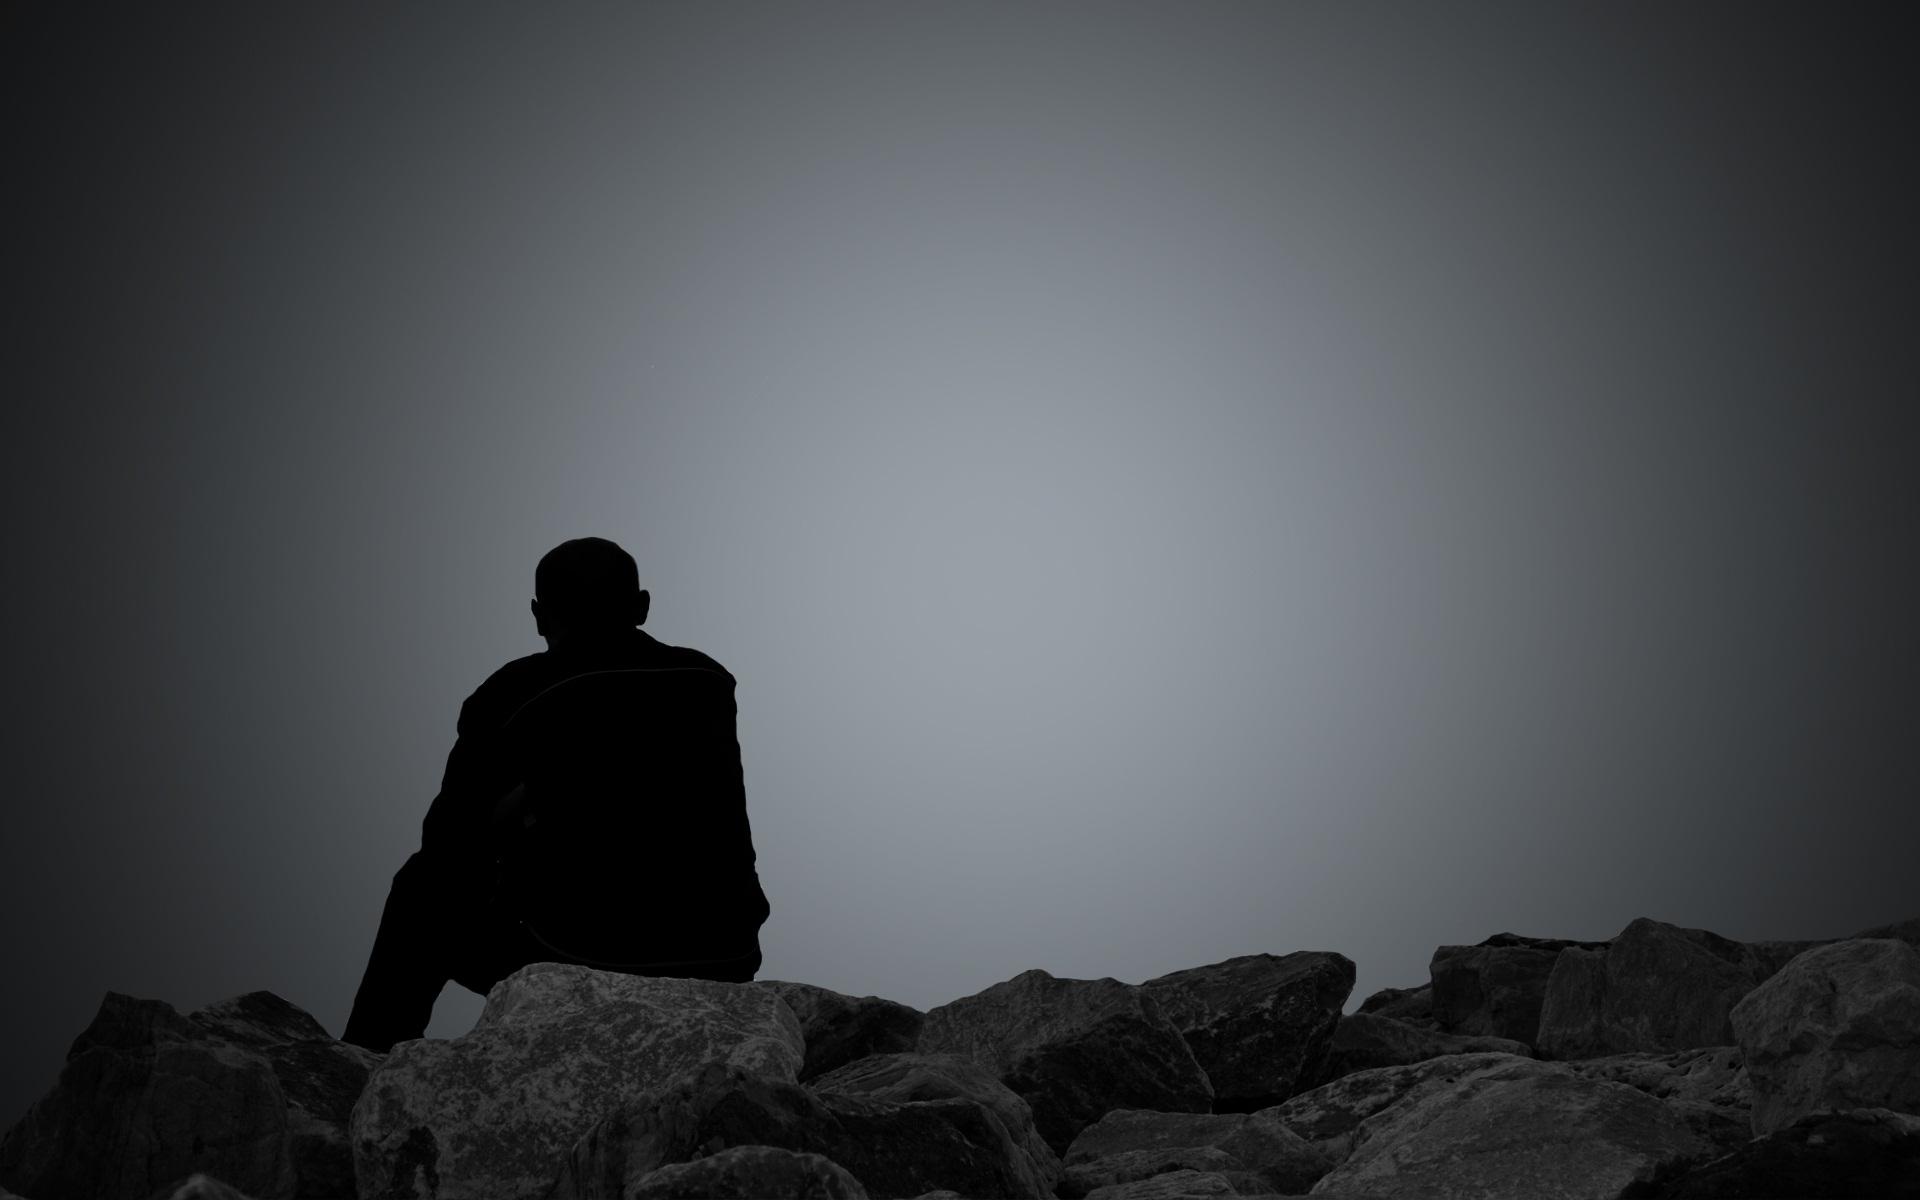 Hình nền người ngồi ở bãi đá cô đơn